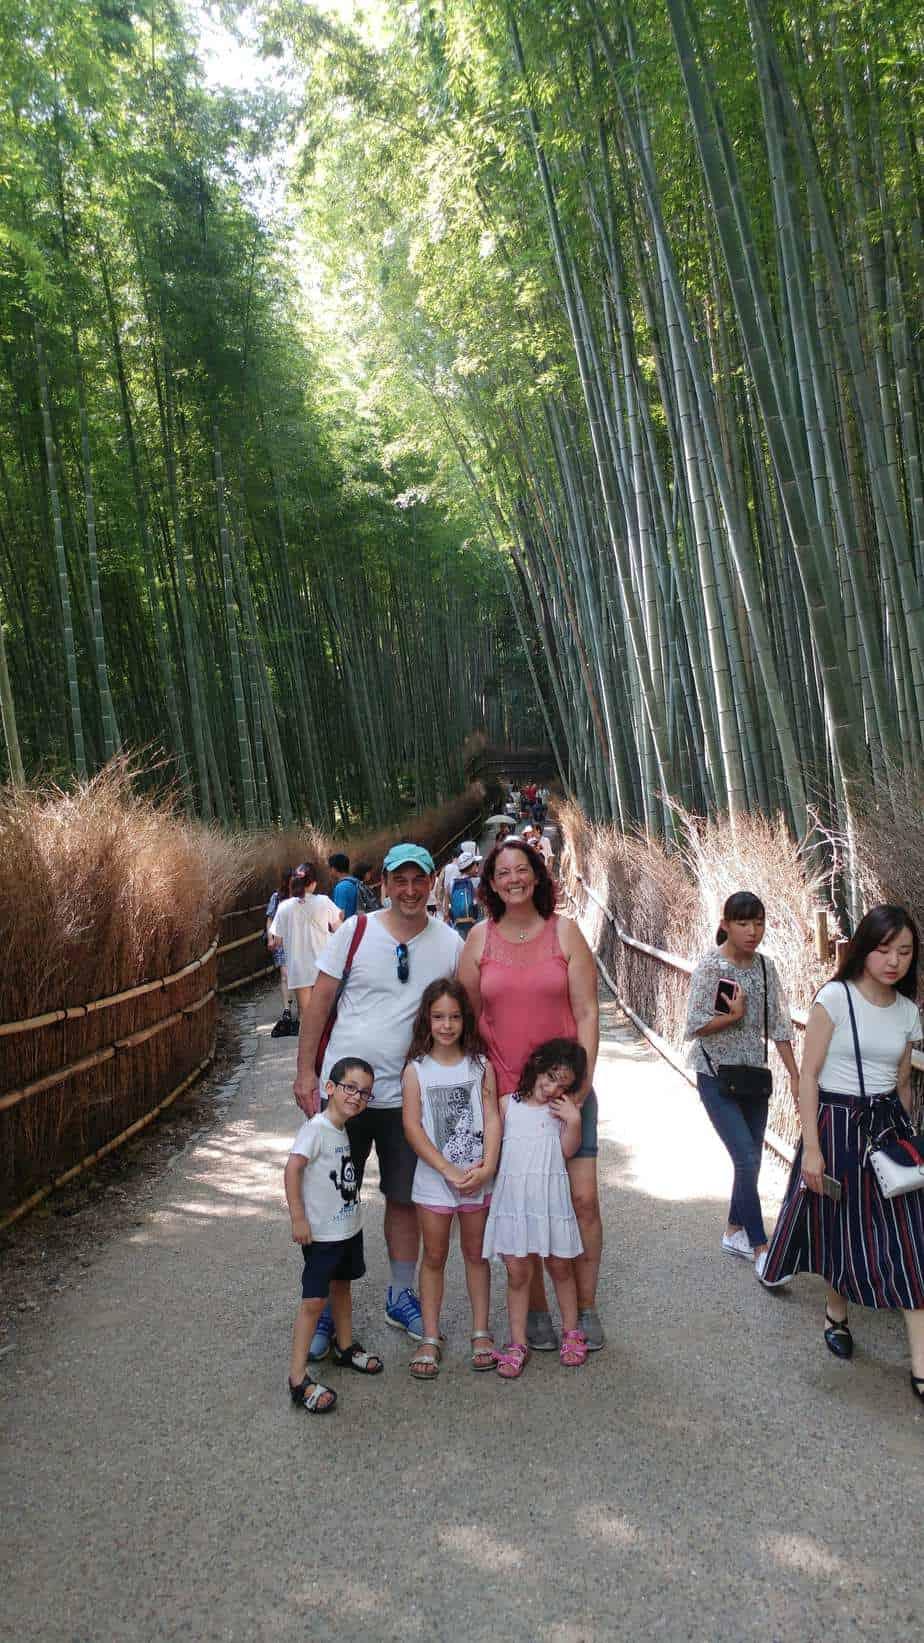 קיוטו עם ילדים - יער הבמבוק ארשיאמה Arashiyama